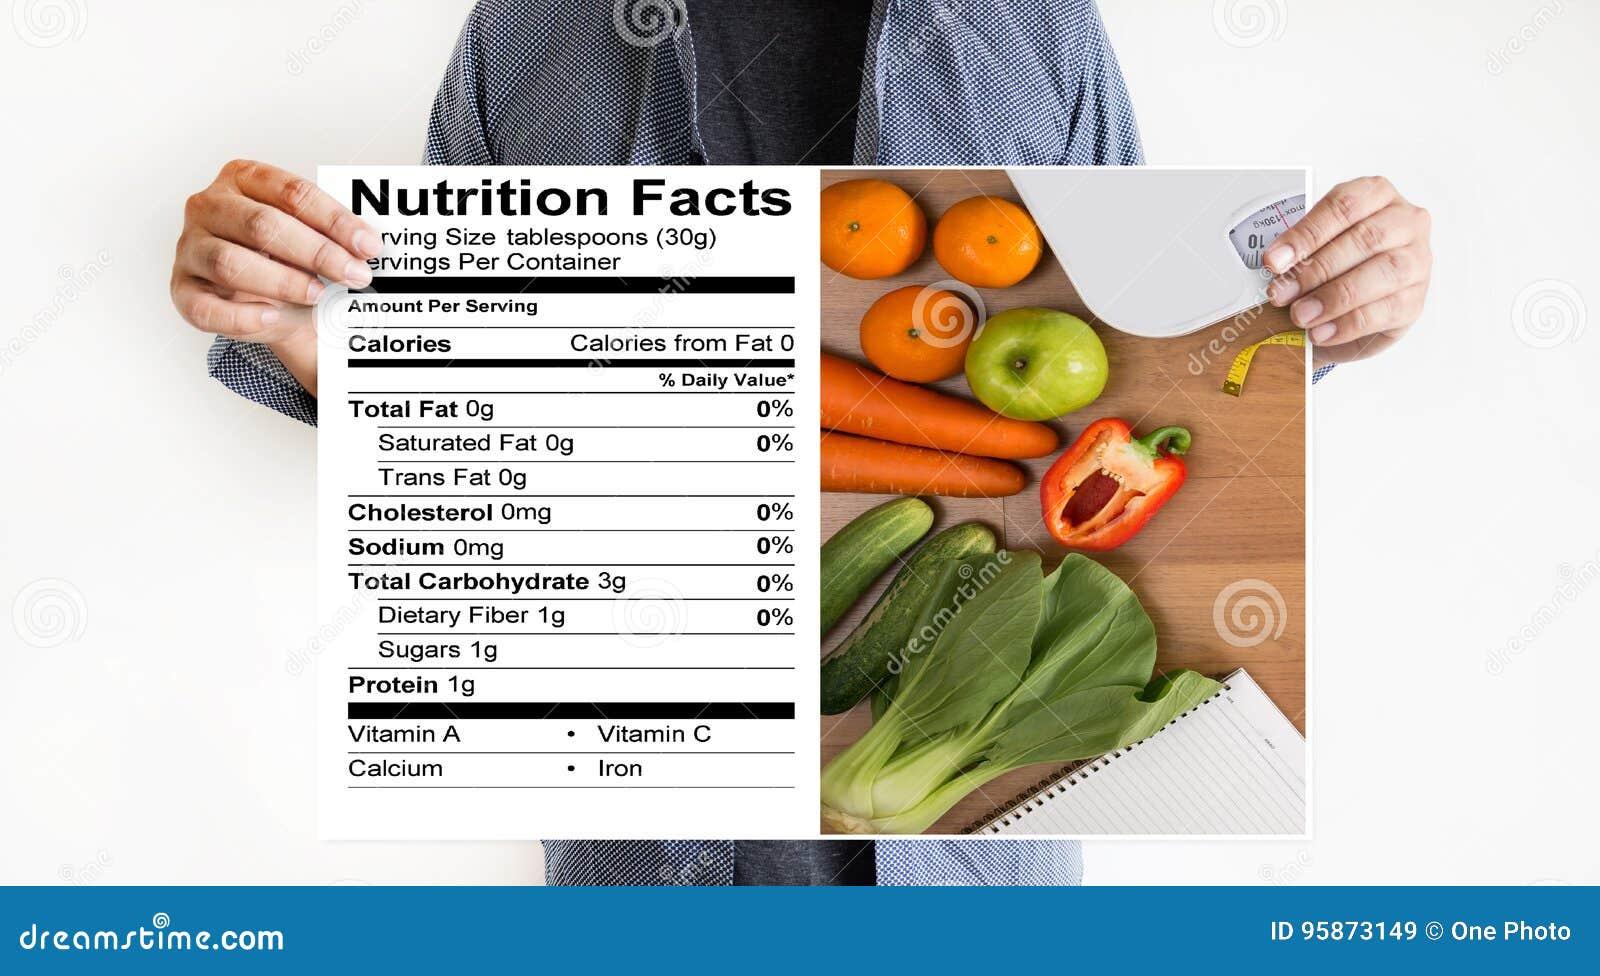 Nutrition Facts Gluten Free Food Celiac Disease Nutrition ...